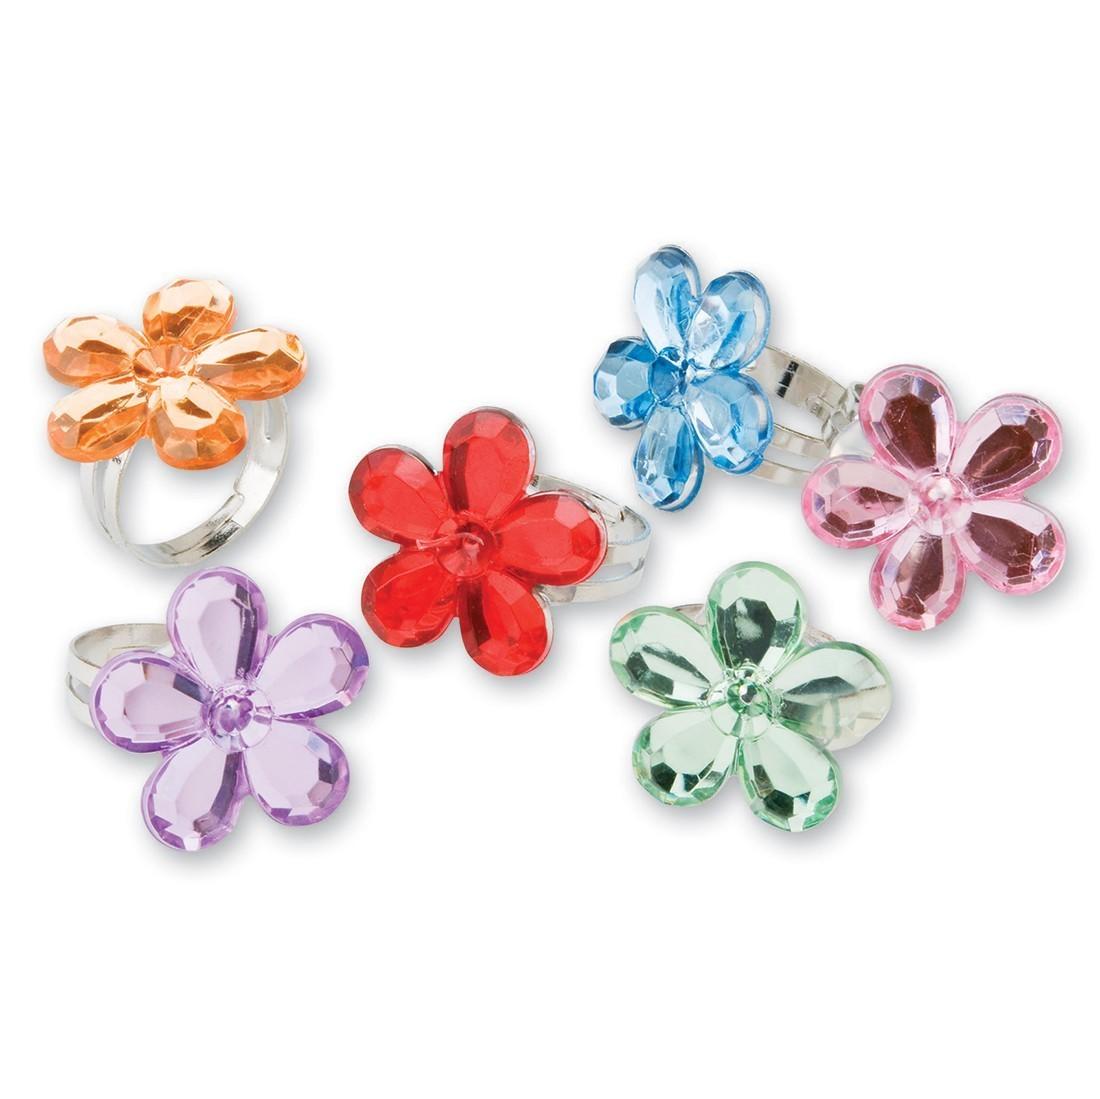 Flower Gem Rings [image]